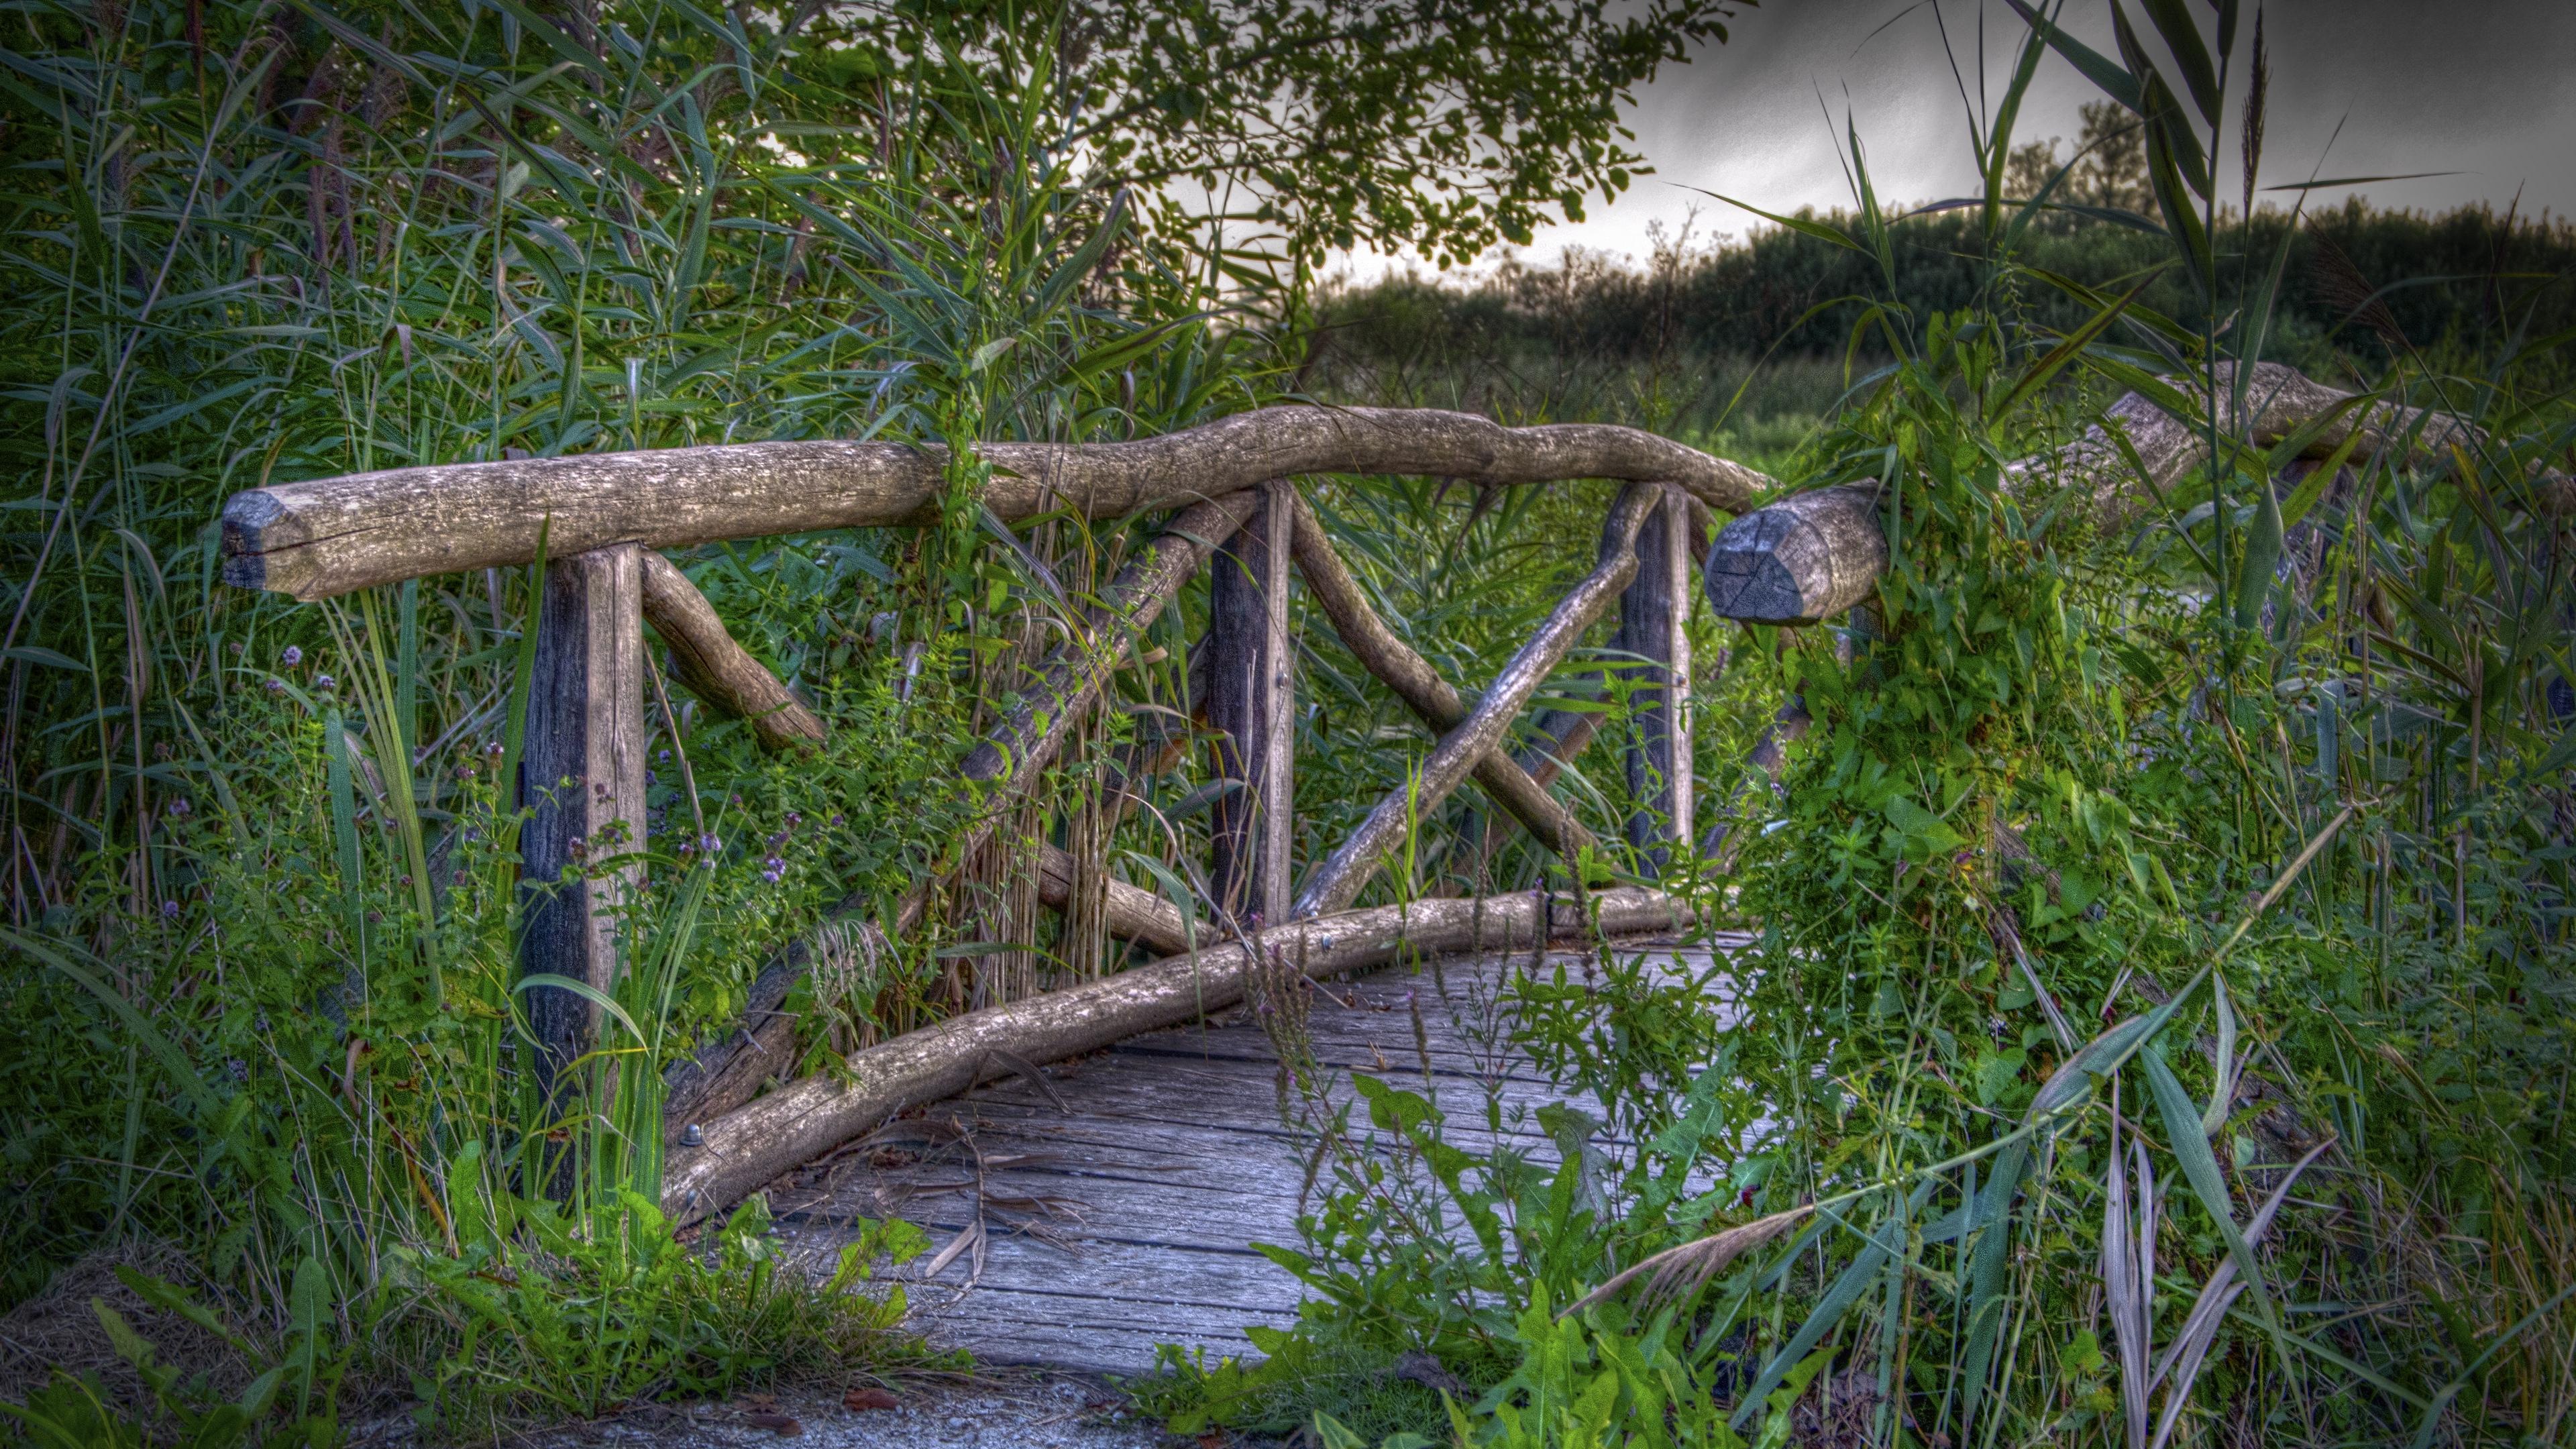 bridge plants grass landscape 4k 1541116105 - bridge, plants, grass, landscape 4k - plants, Grass, bridge